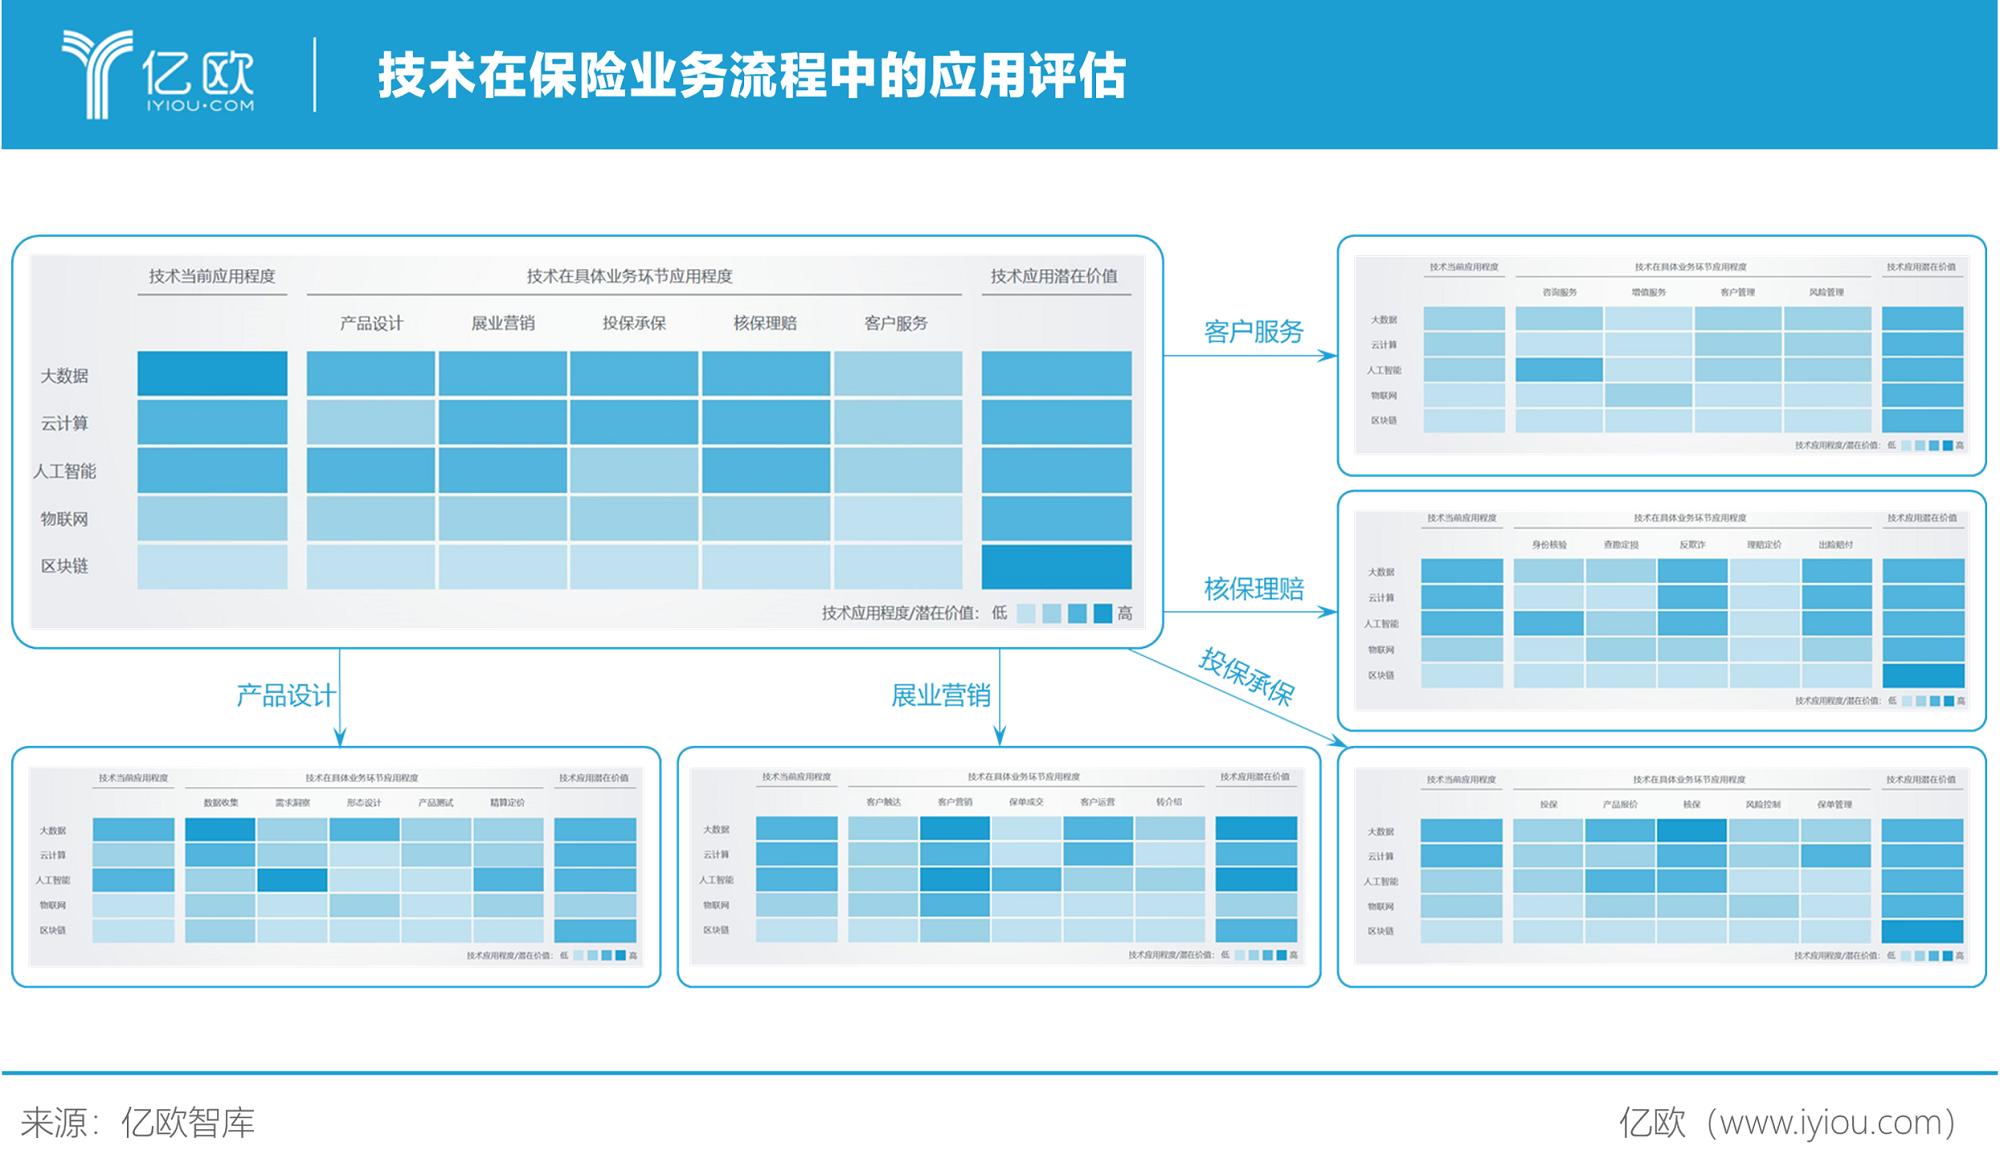 亿欧智库:技术在保险业务流程中的应用评估